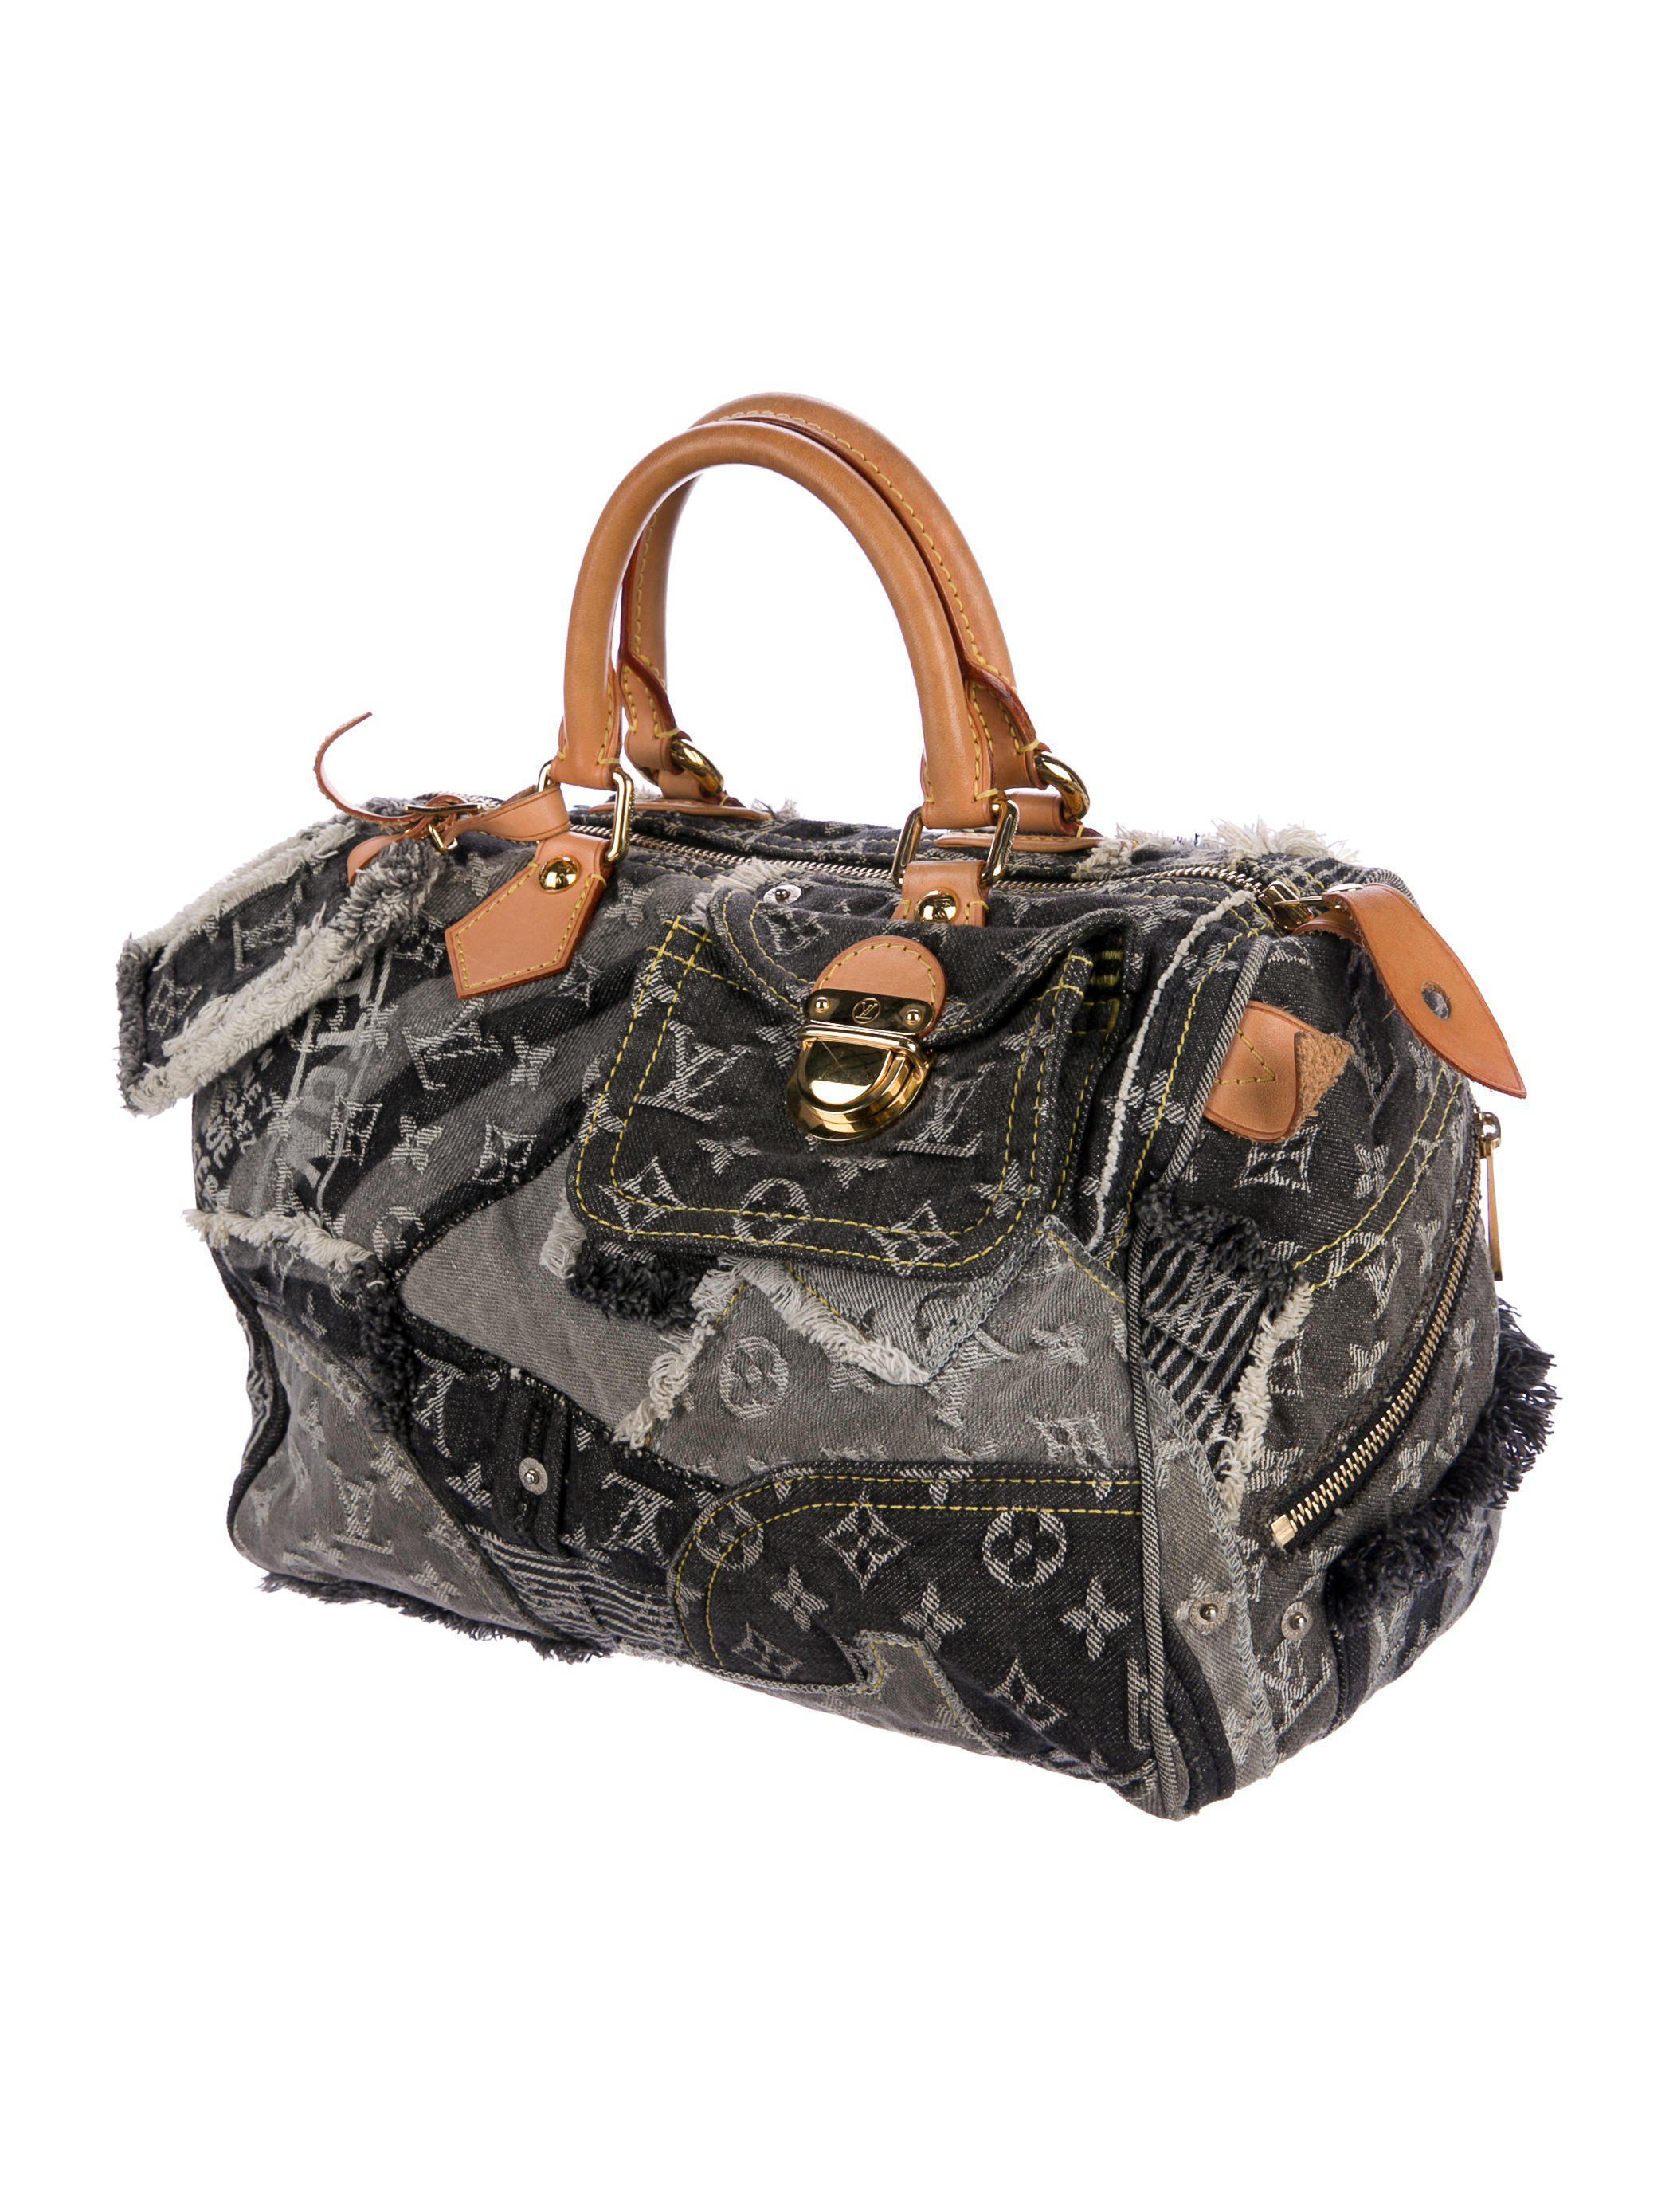 Louis Vuitton Handbag Sdy Best 2017